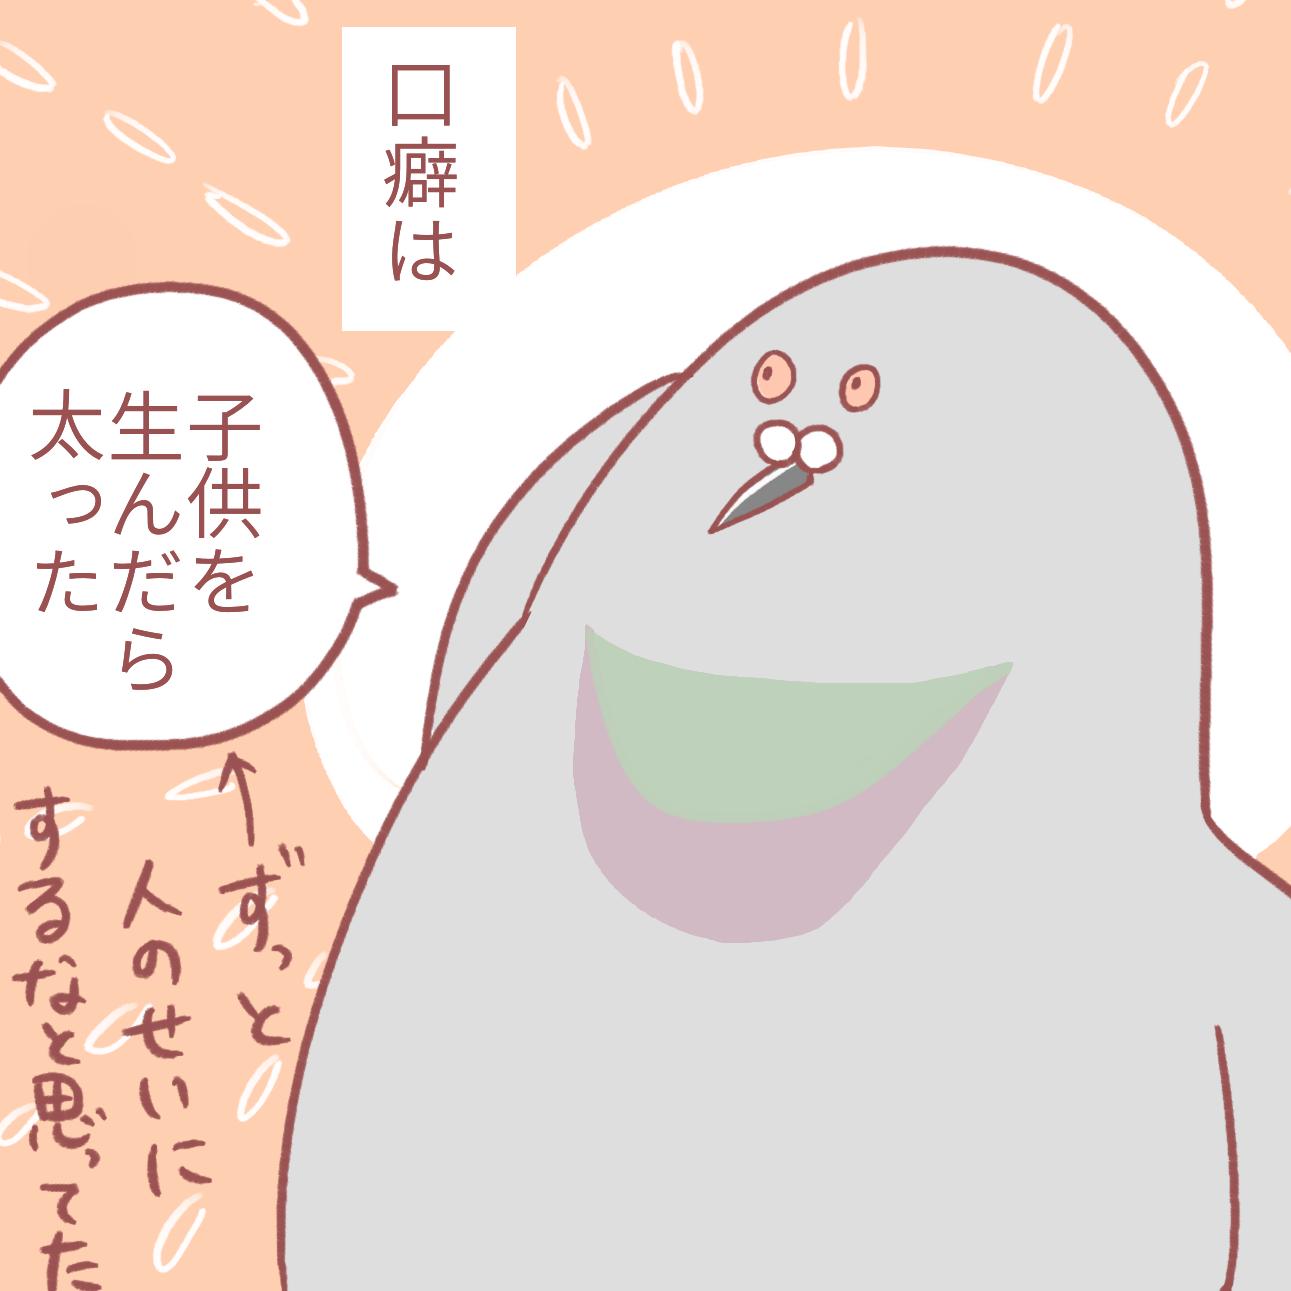 母は大食いだと思ってたけど・・・|鳥谷丁子のオモテ育児・ウラ育児#27